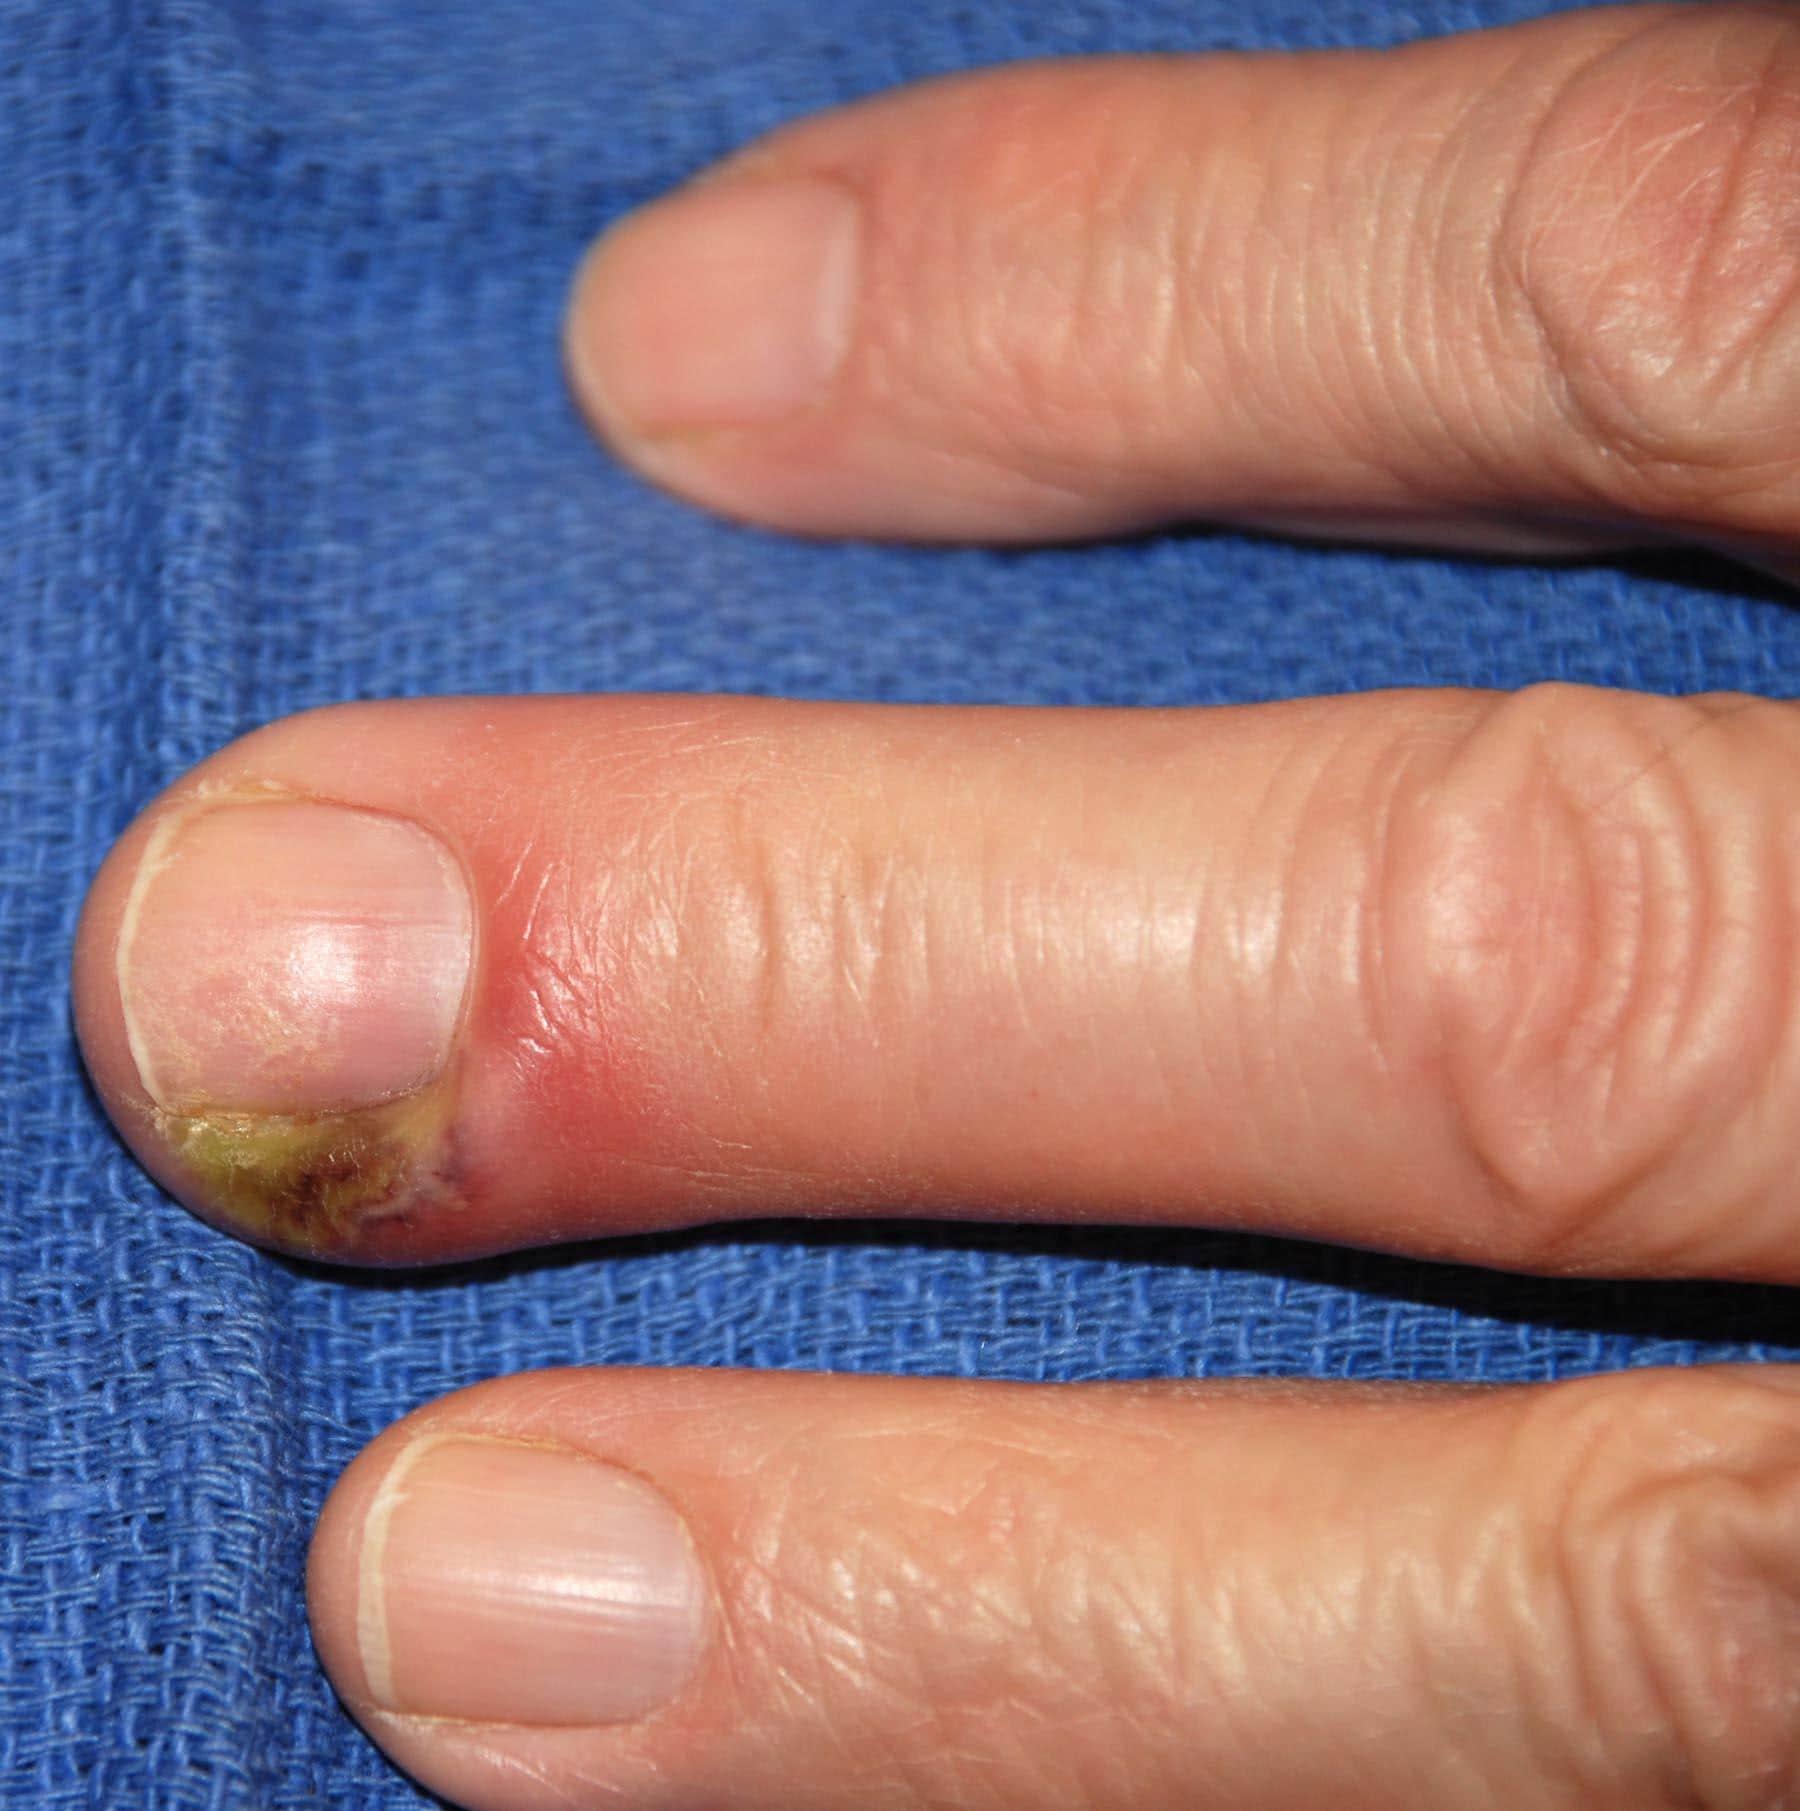 Гной на пальце как лечить в домашних условиях